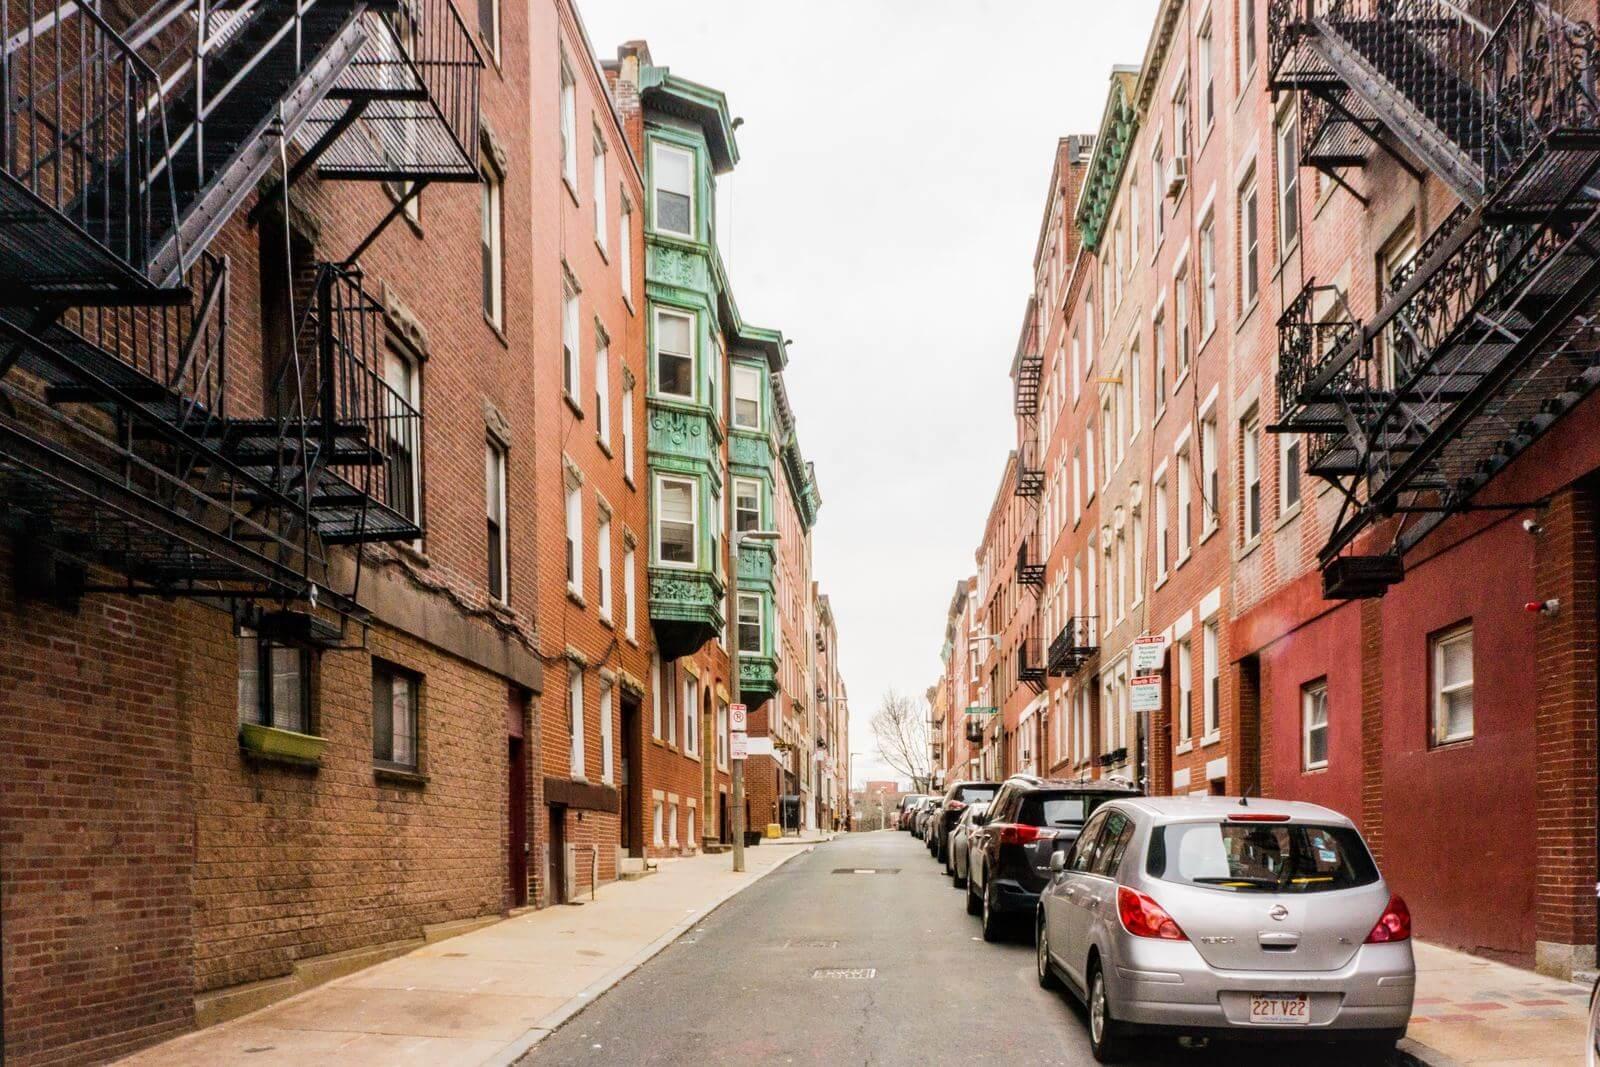 Architecture Boston